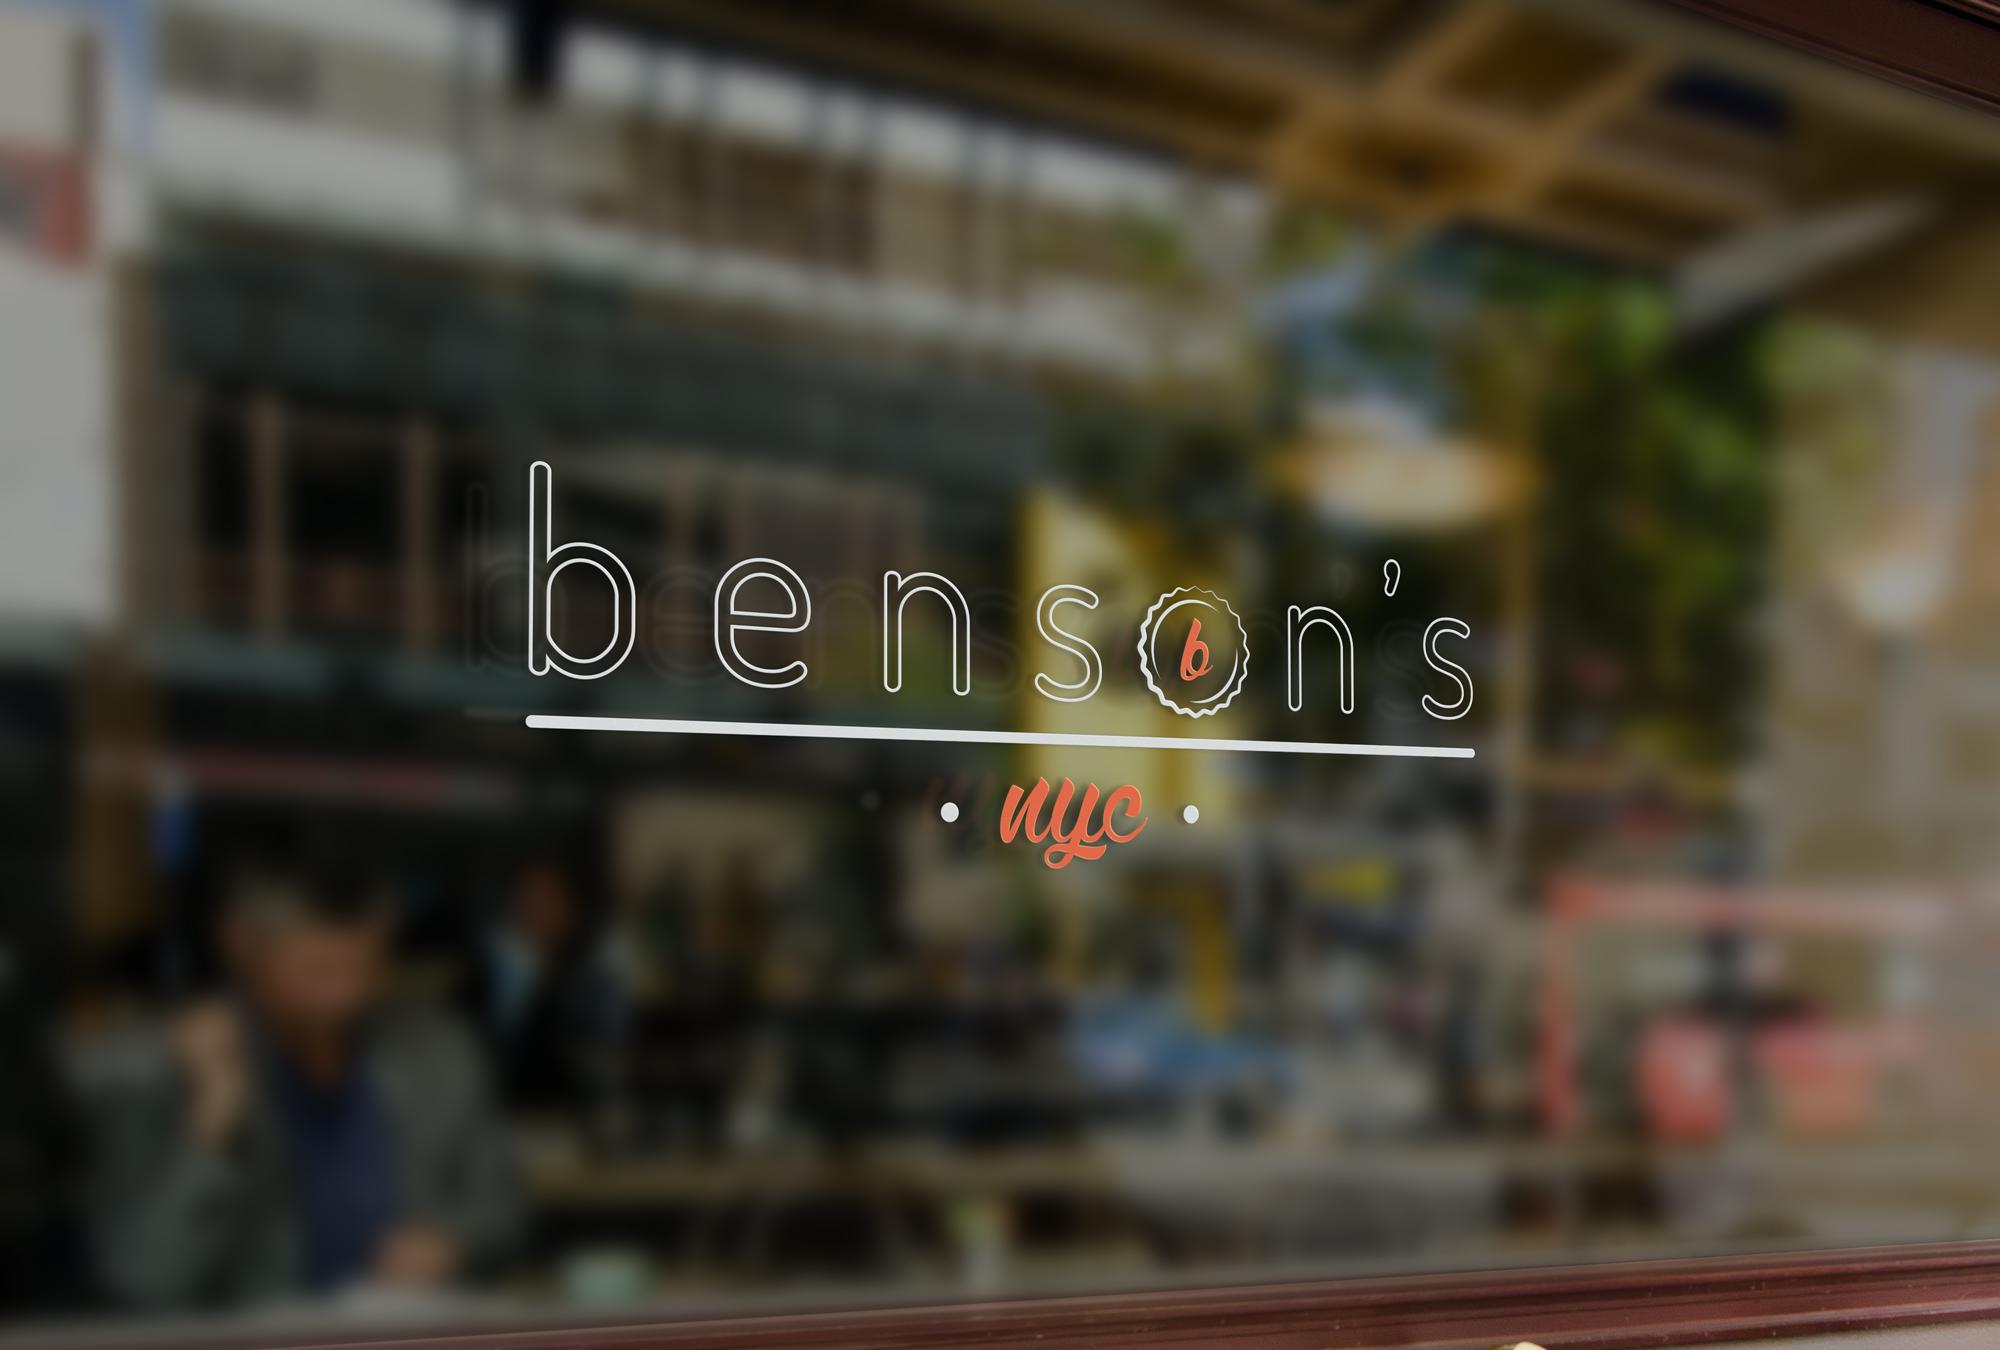 Benson's NYC